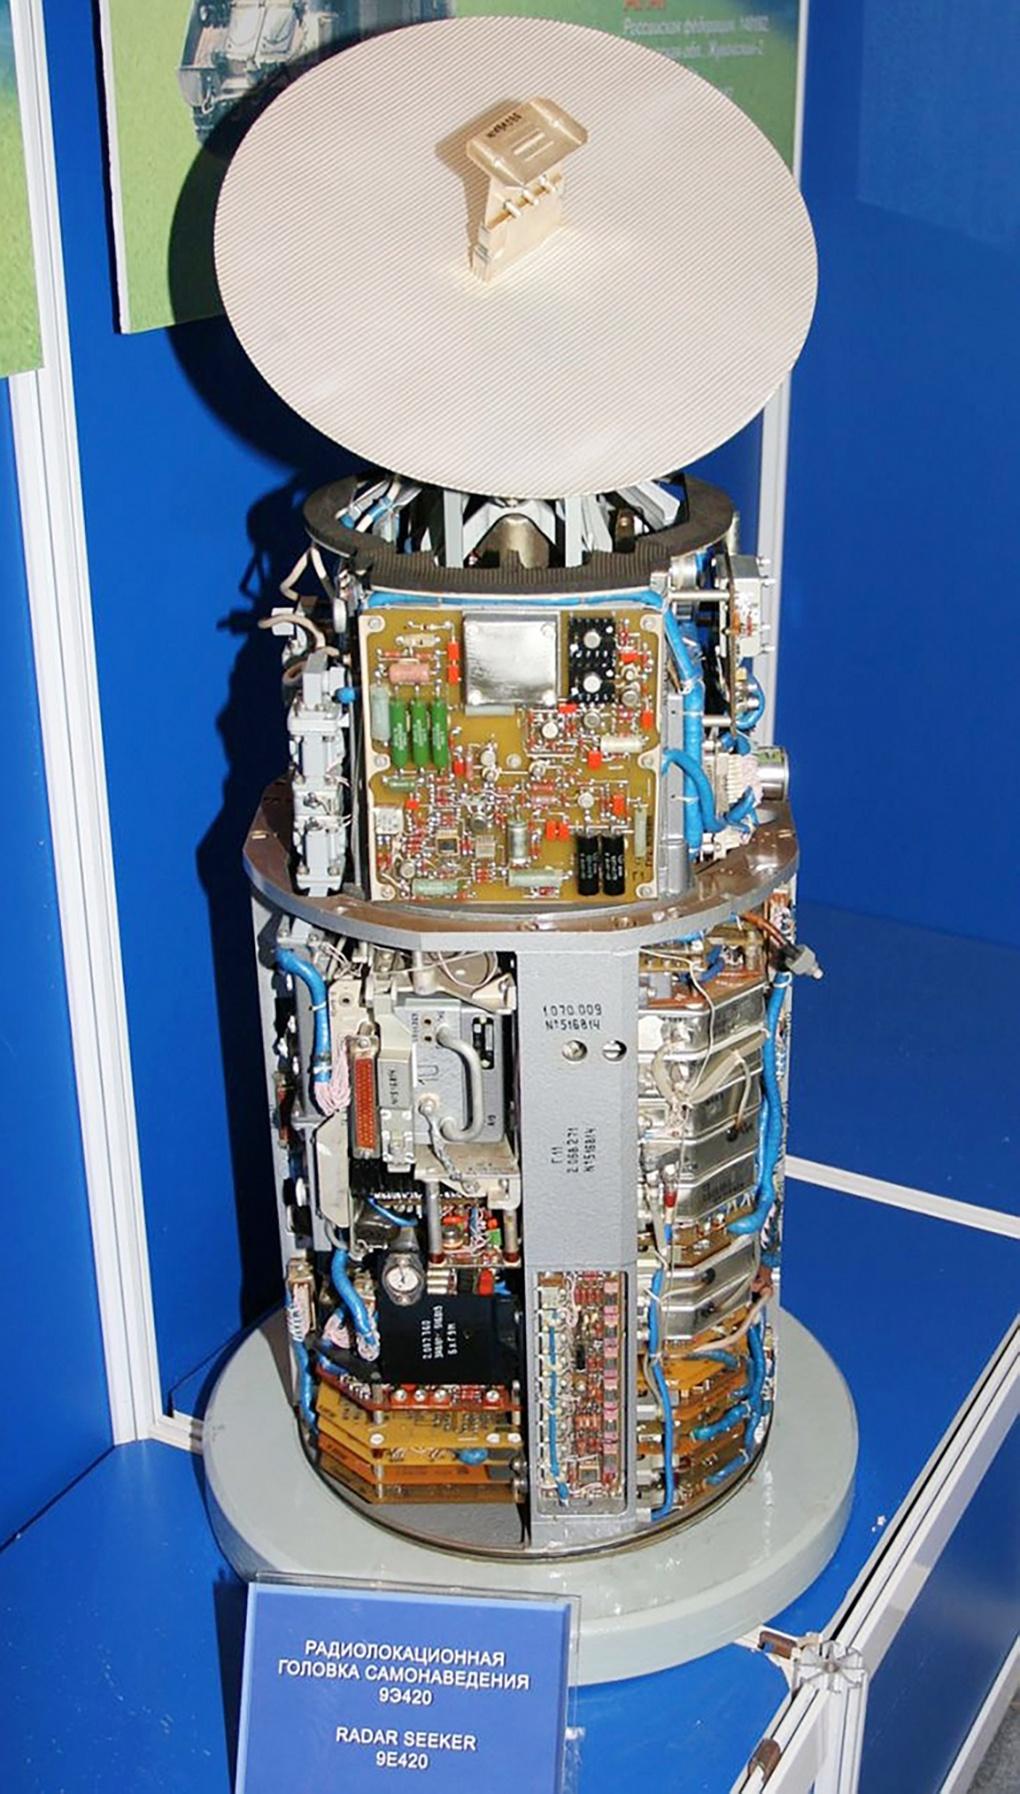 Полуактивная доплеровская радиолокационная головка самонаведения ГСН 9Э420.